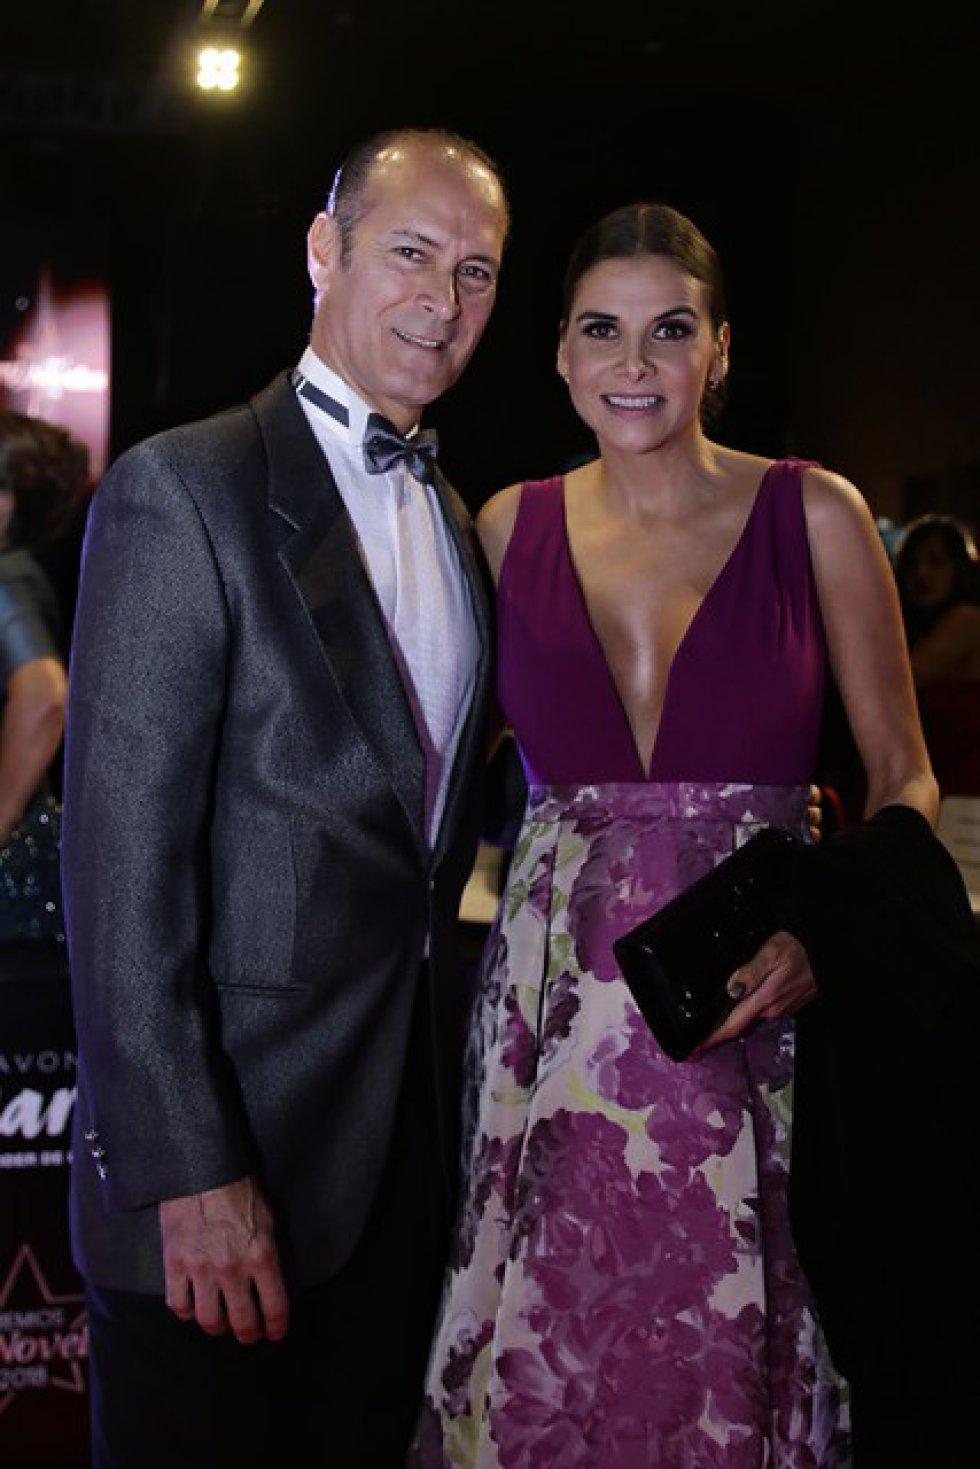 Premios TvyNovelas: La moda también estuvo presente en los premios TvyNovelas 2018